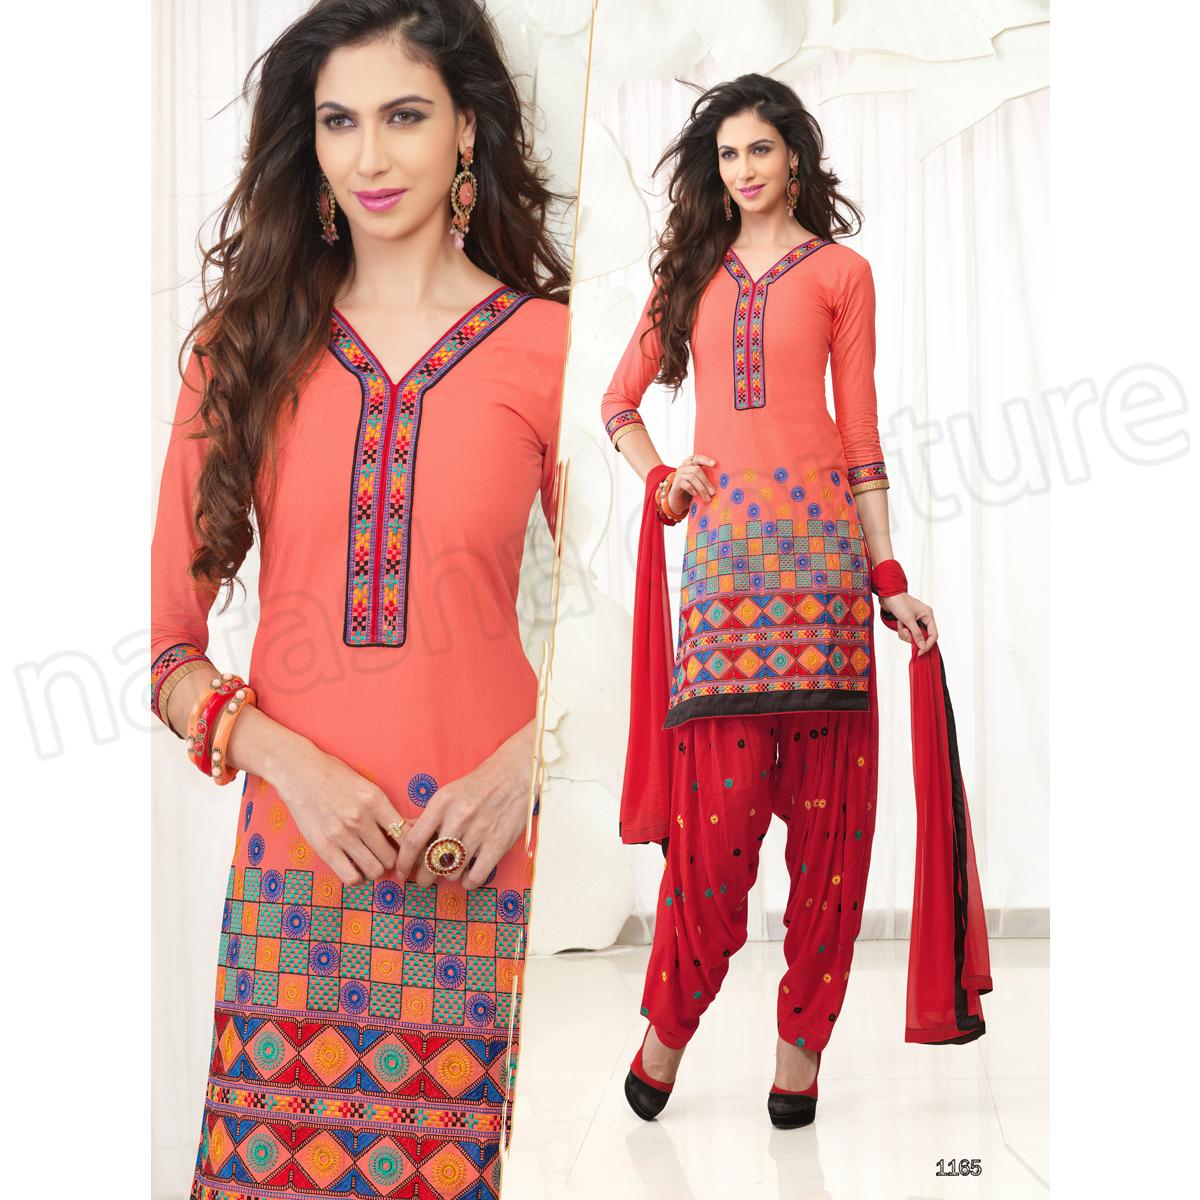 Punjabi Suits Latest Indian patiala Shalwar Kameez Collection 2015-2016 (28)